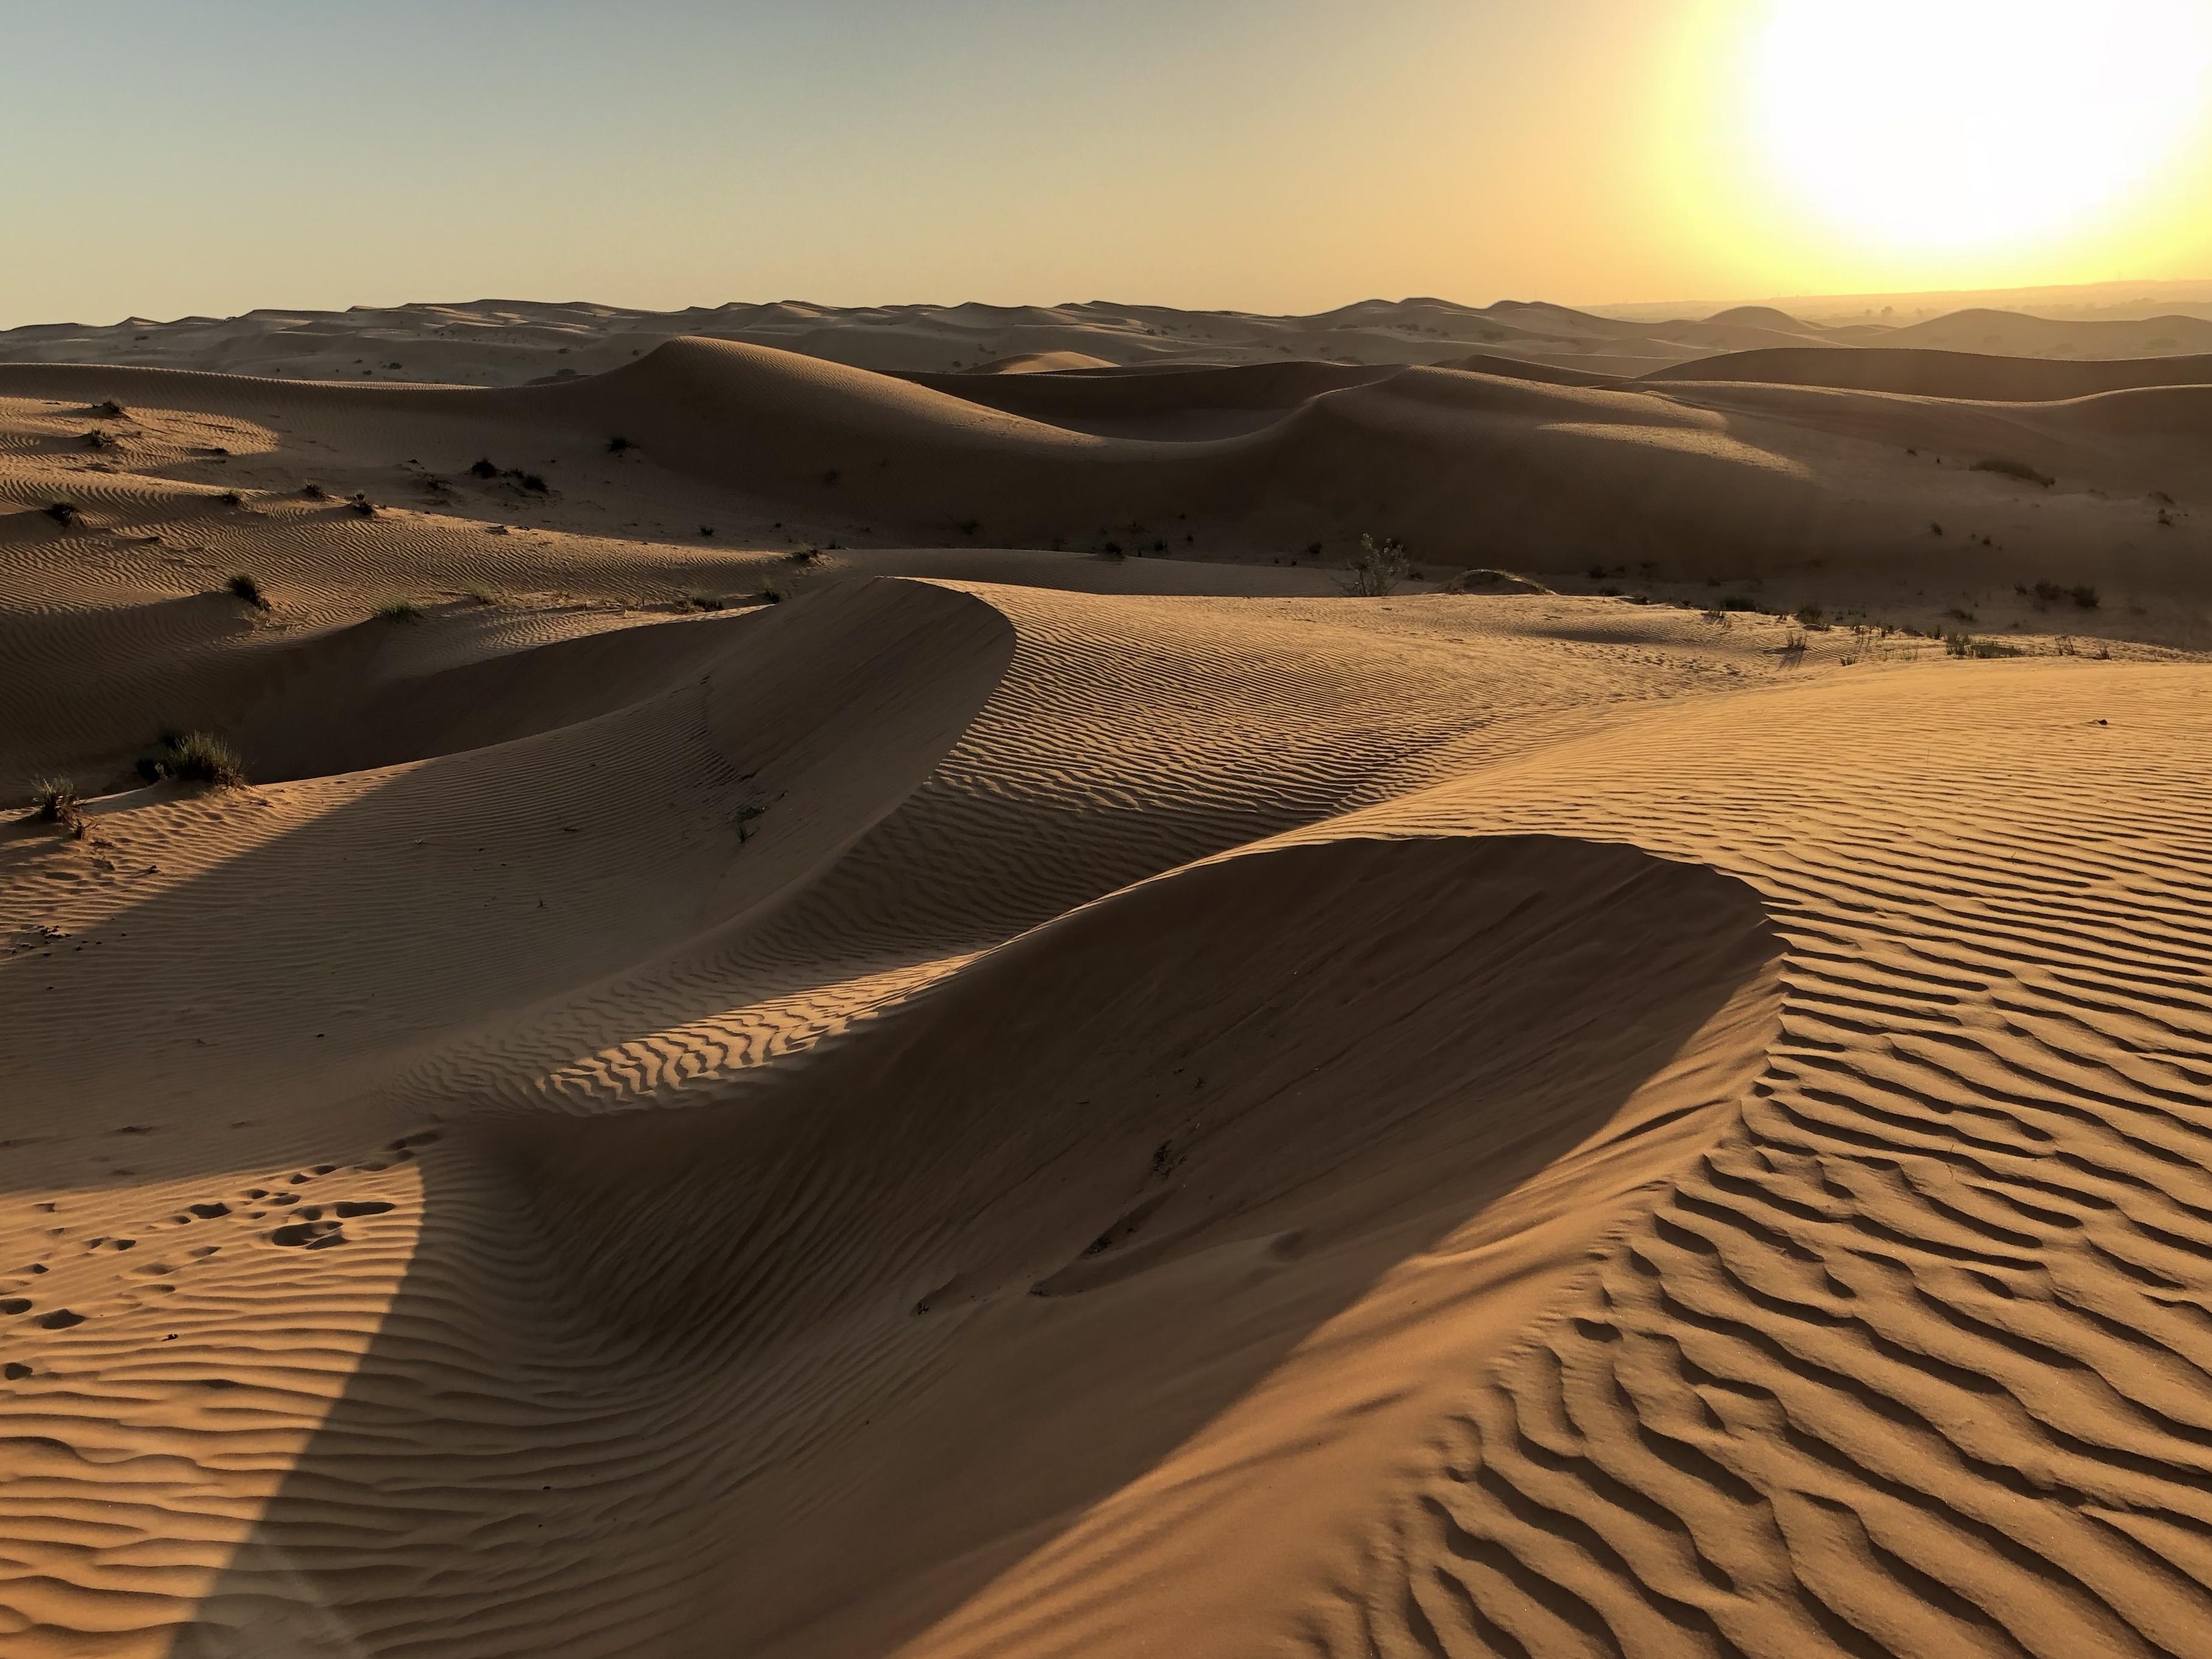 Ras Al Khaimah, UAE, 2018 10